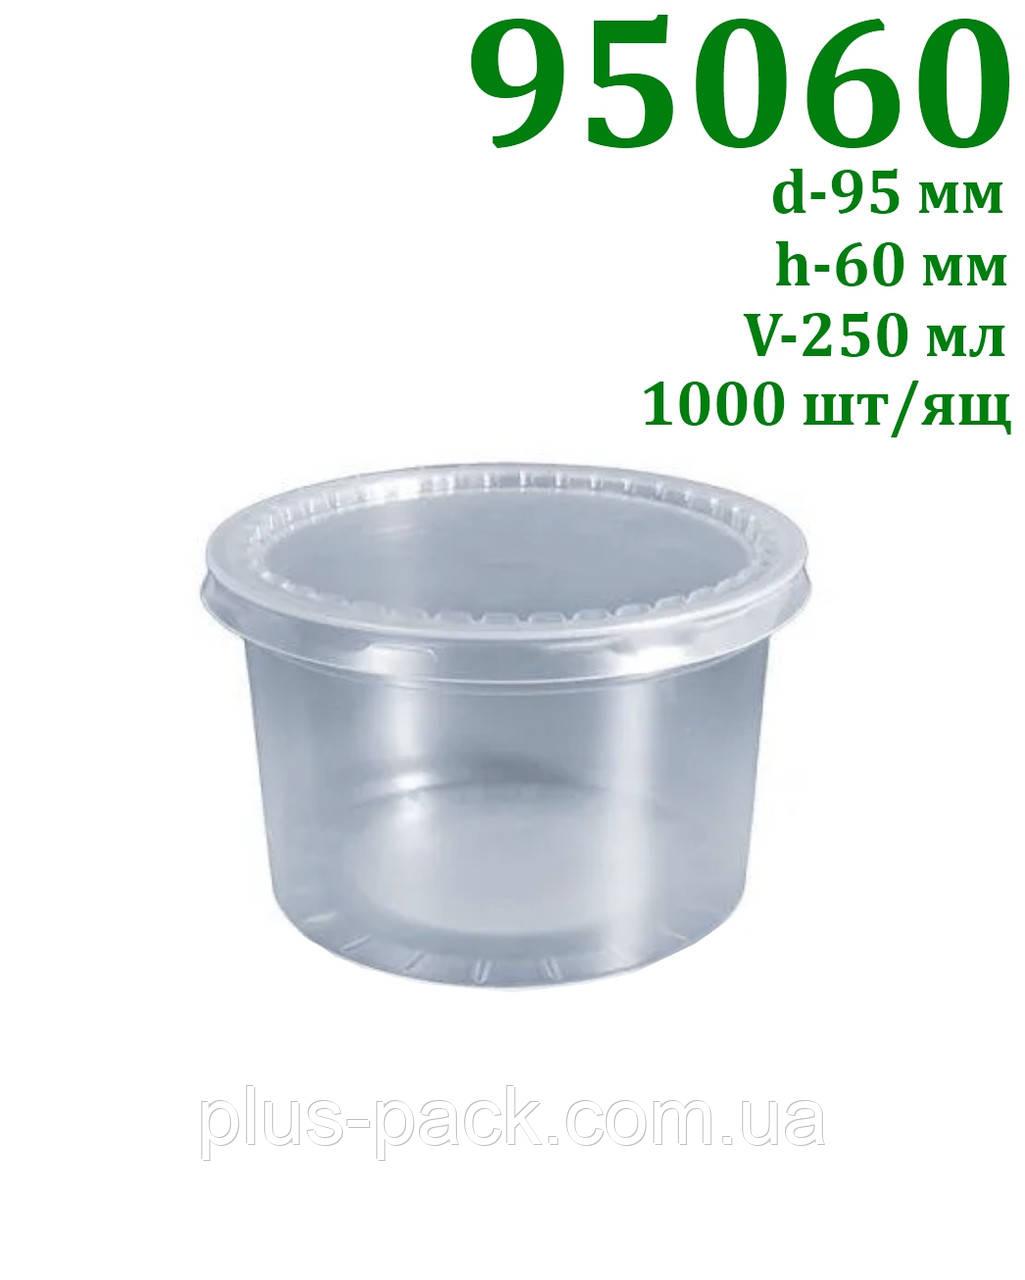 Полимерный стакан 95060 с крышкой 953 на 250мл